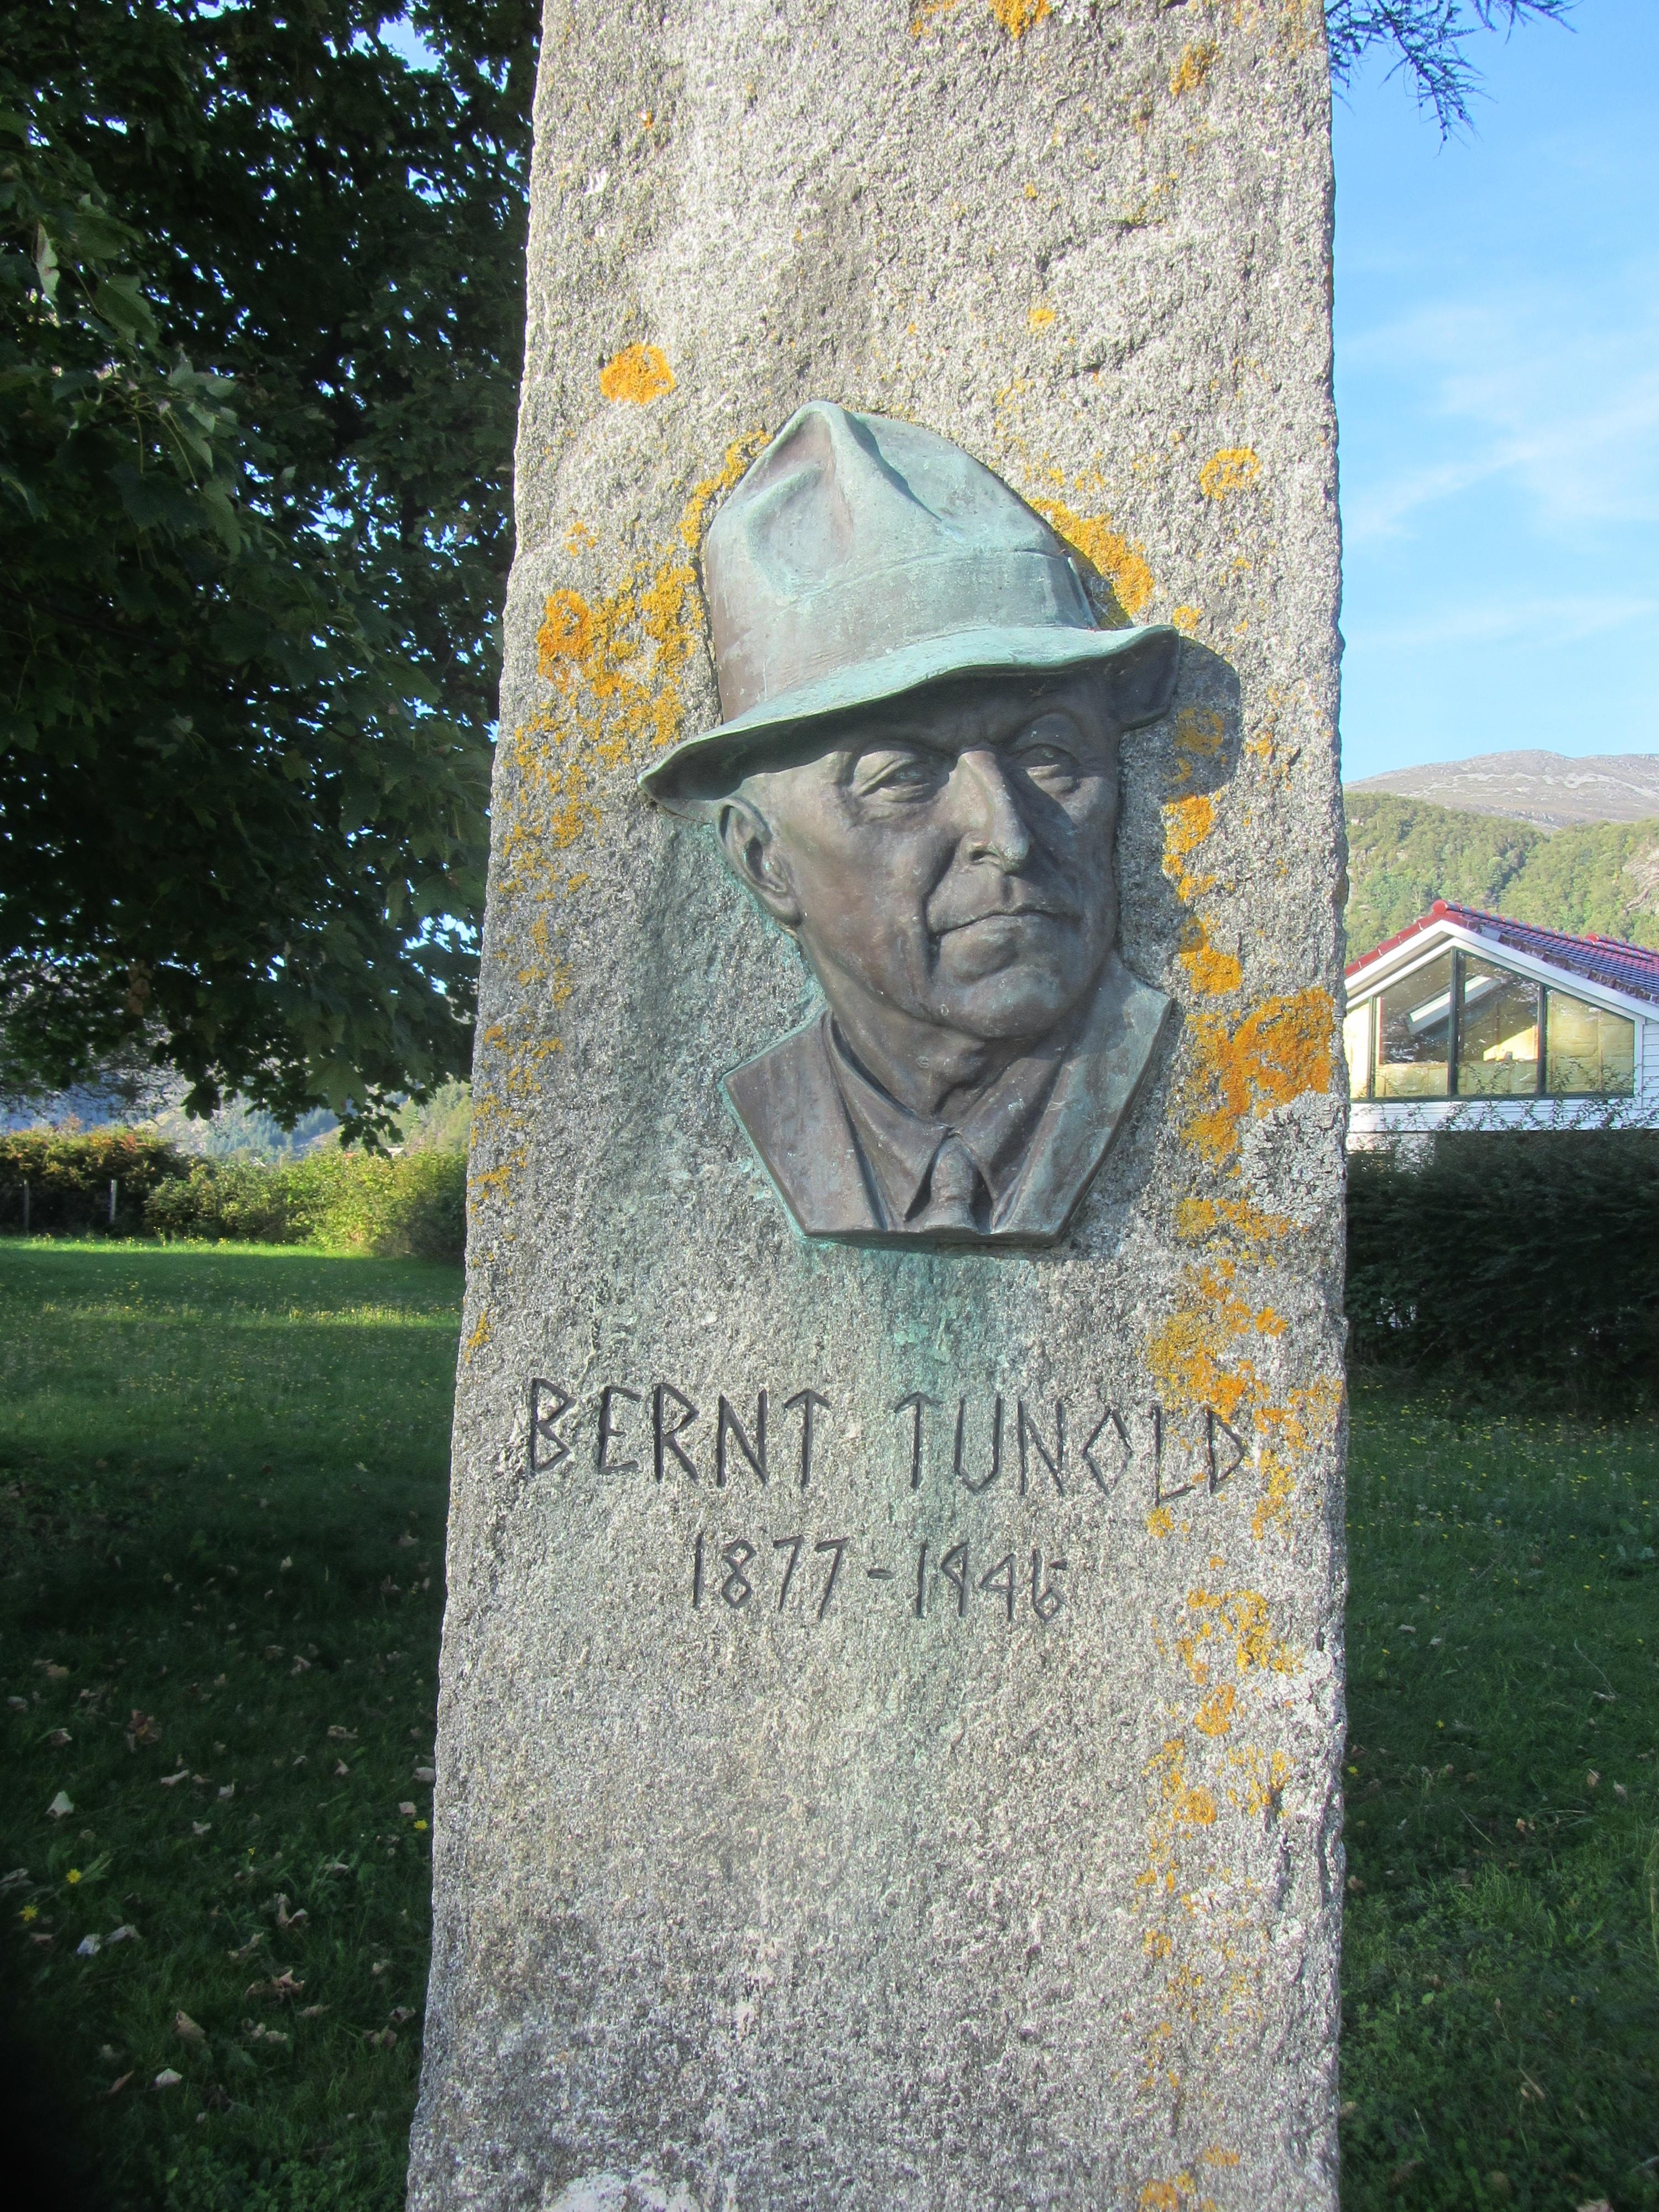 Bilete av bauta med ansiktet til Bernt Tunold.